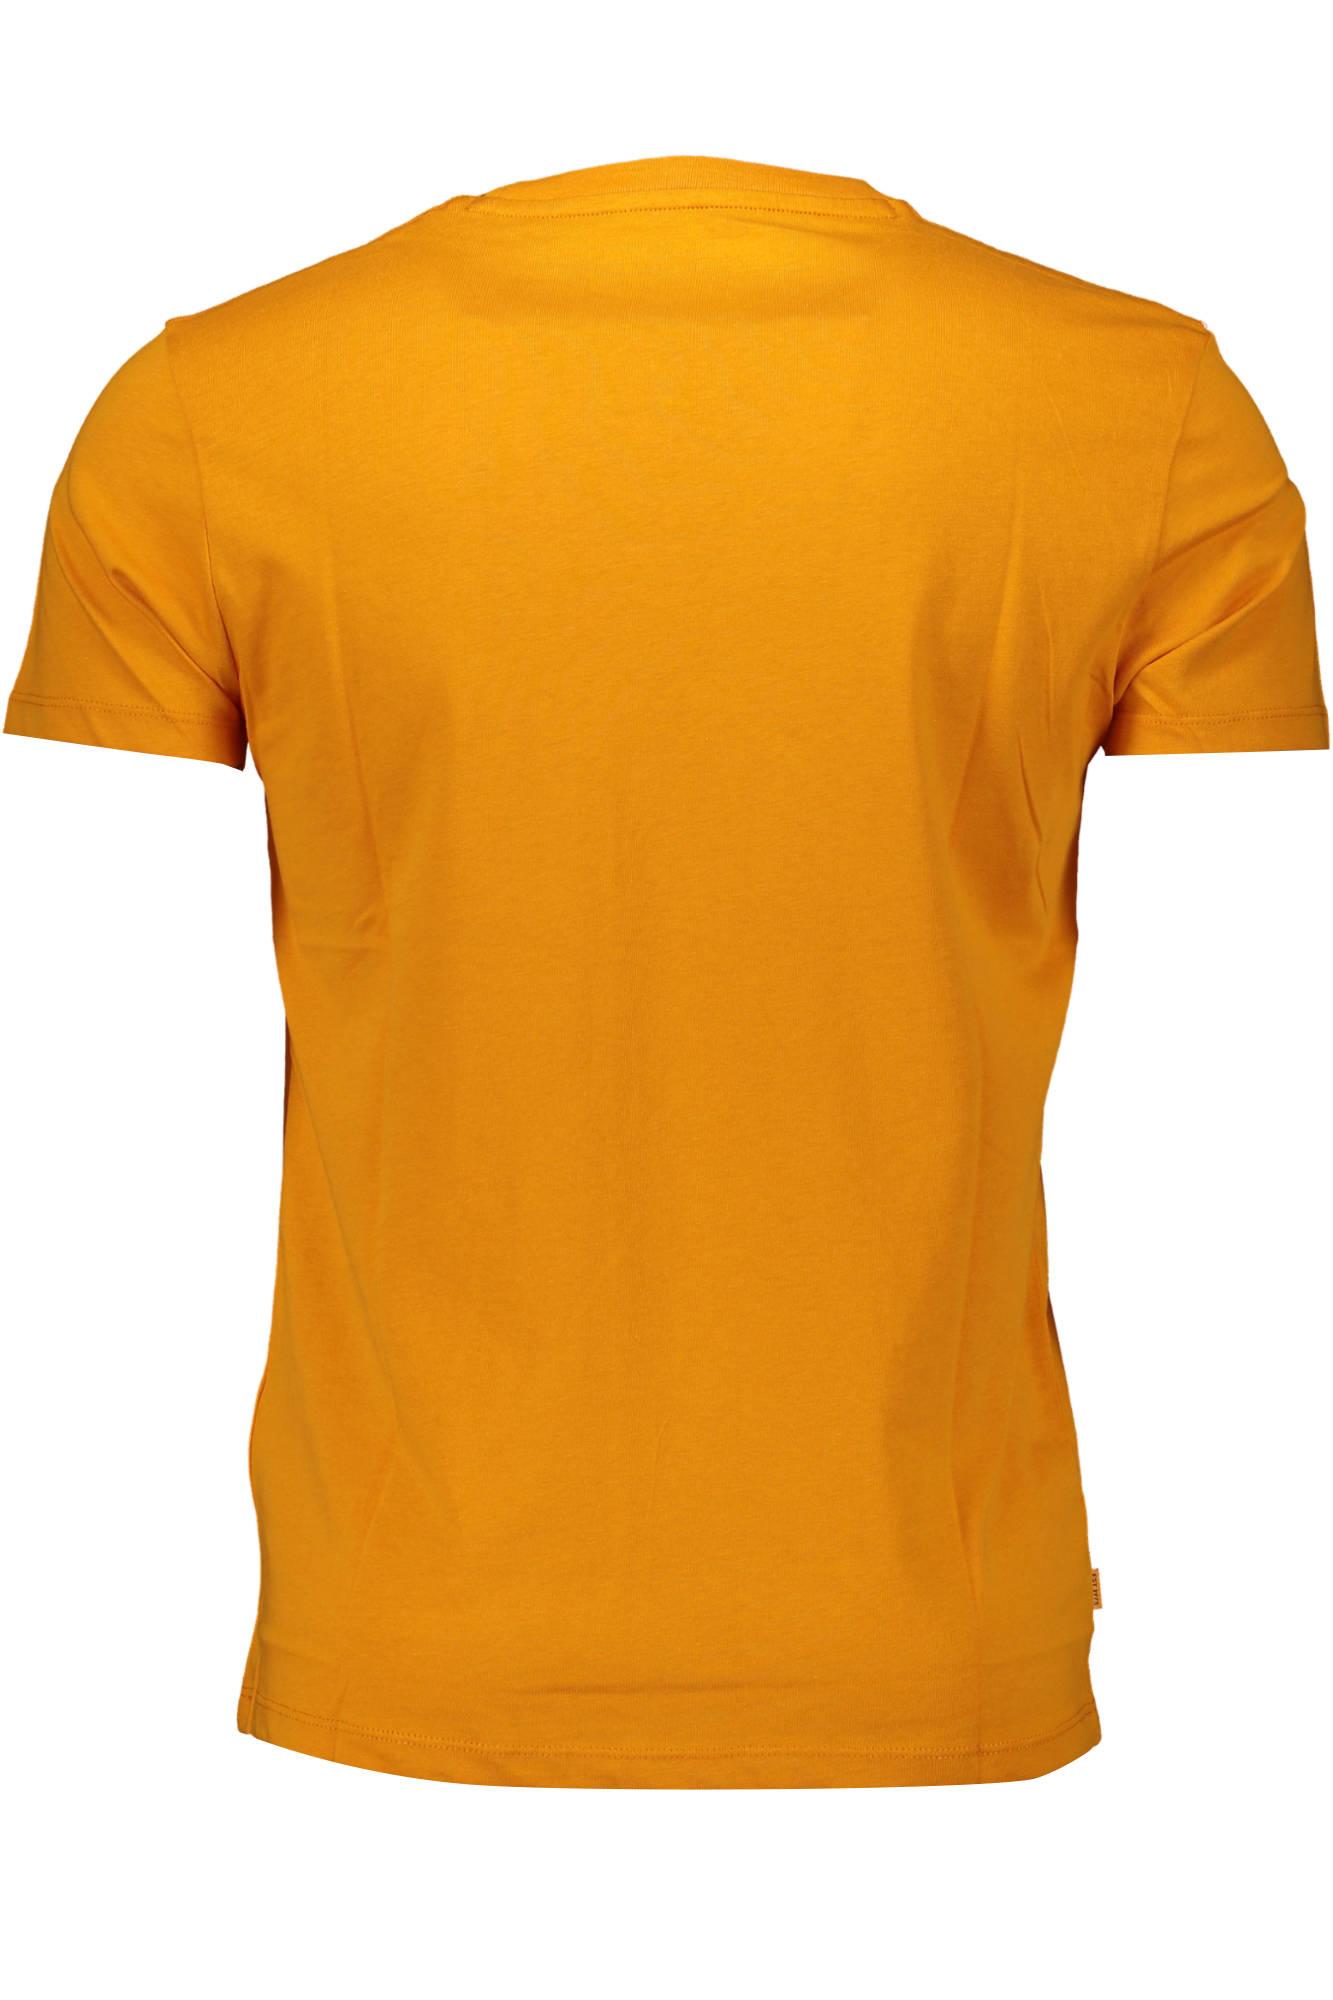 Tričko TIMBERLAND tričko s krátkým rukávem ARANCIO